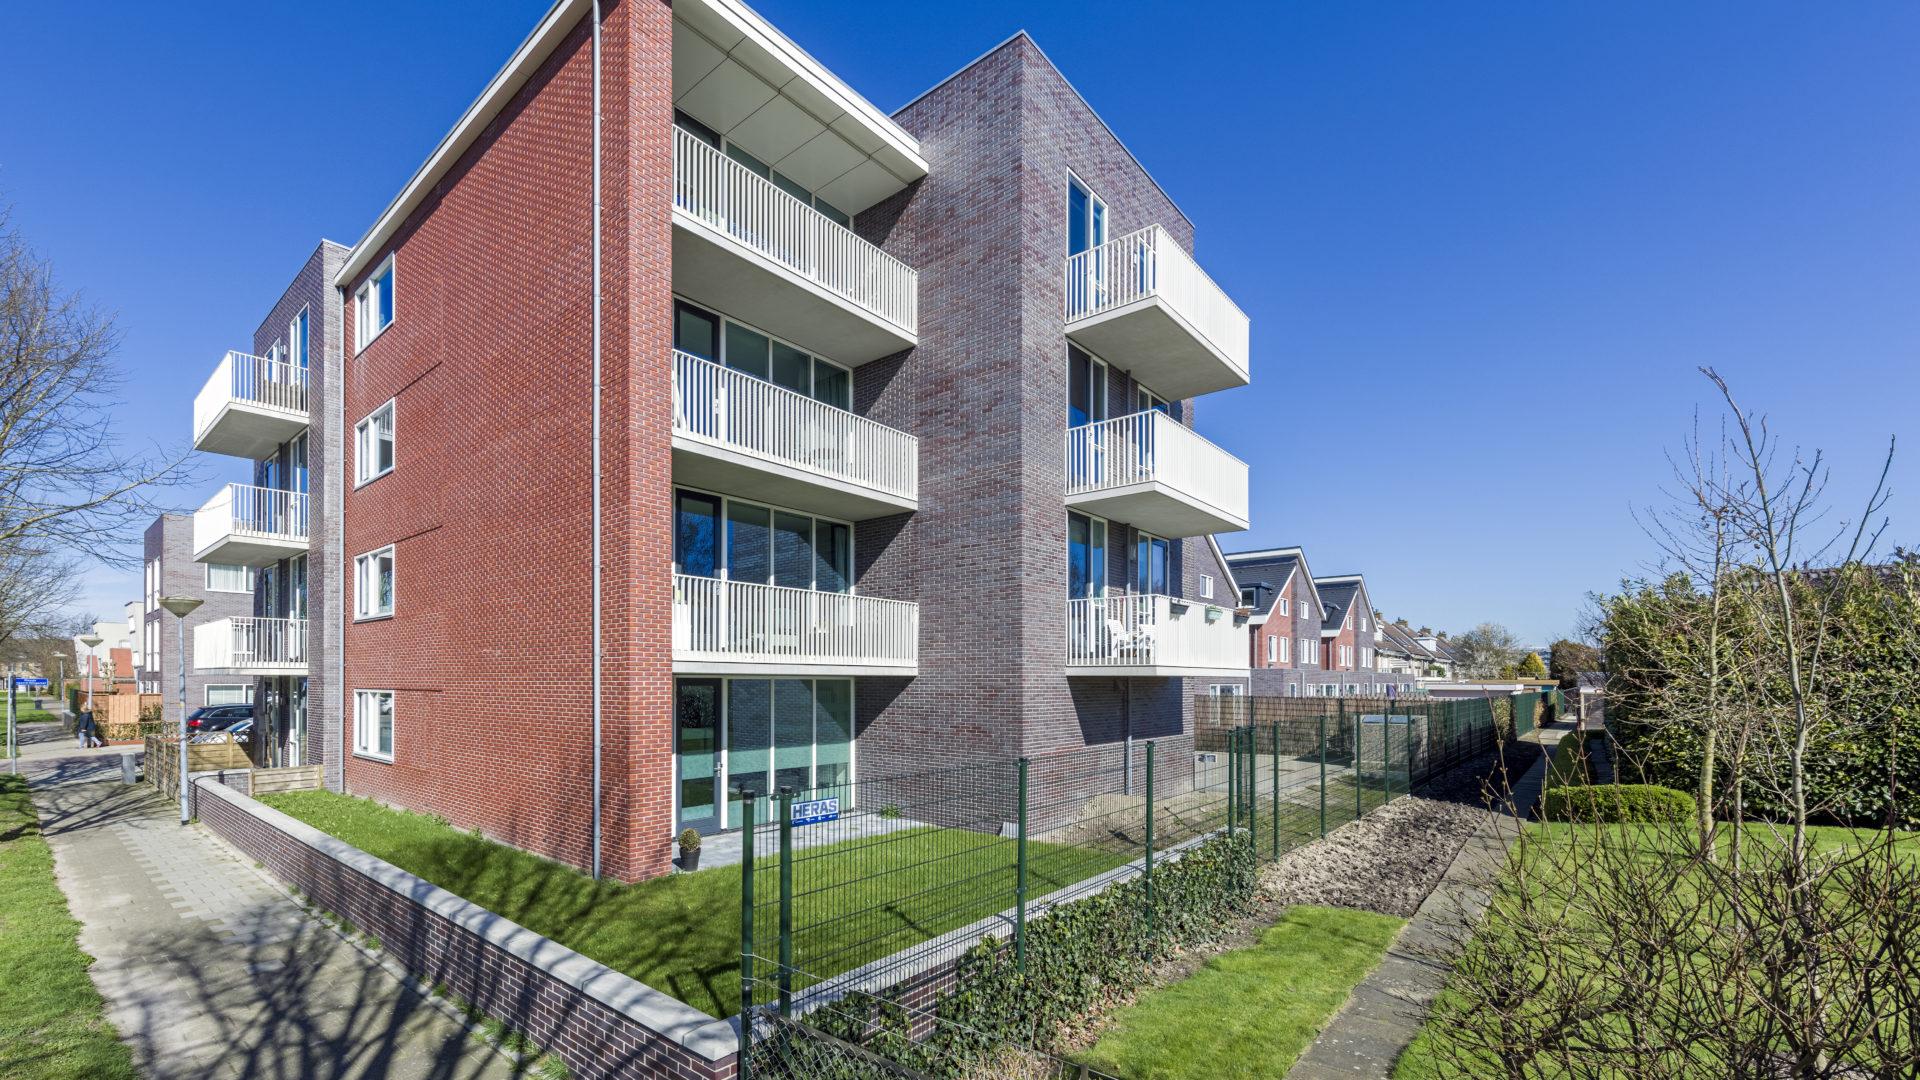 Woonwijk Toolenburg Hoofddorp